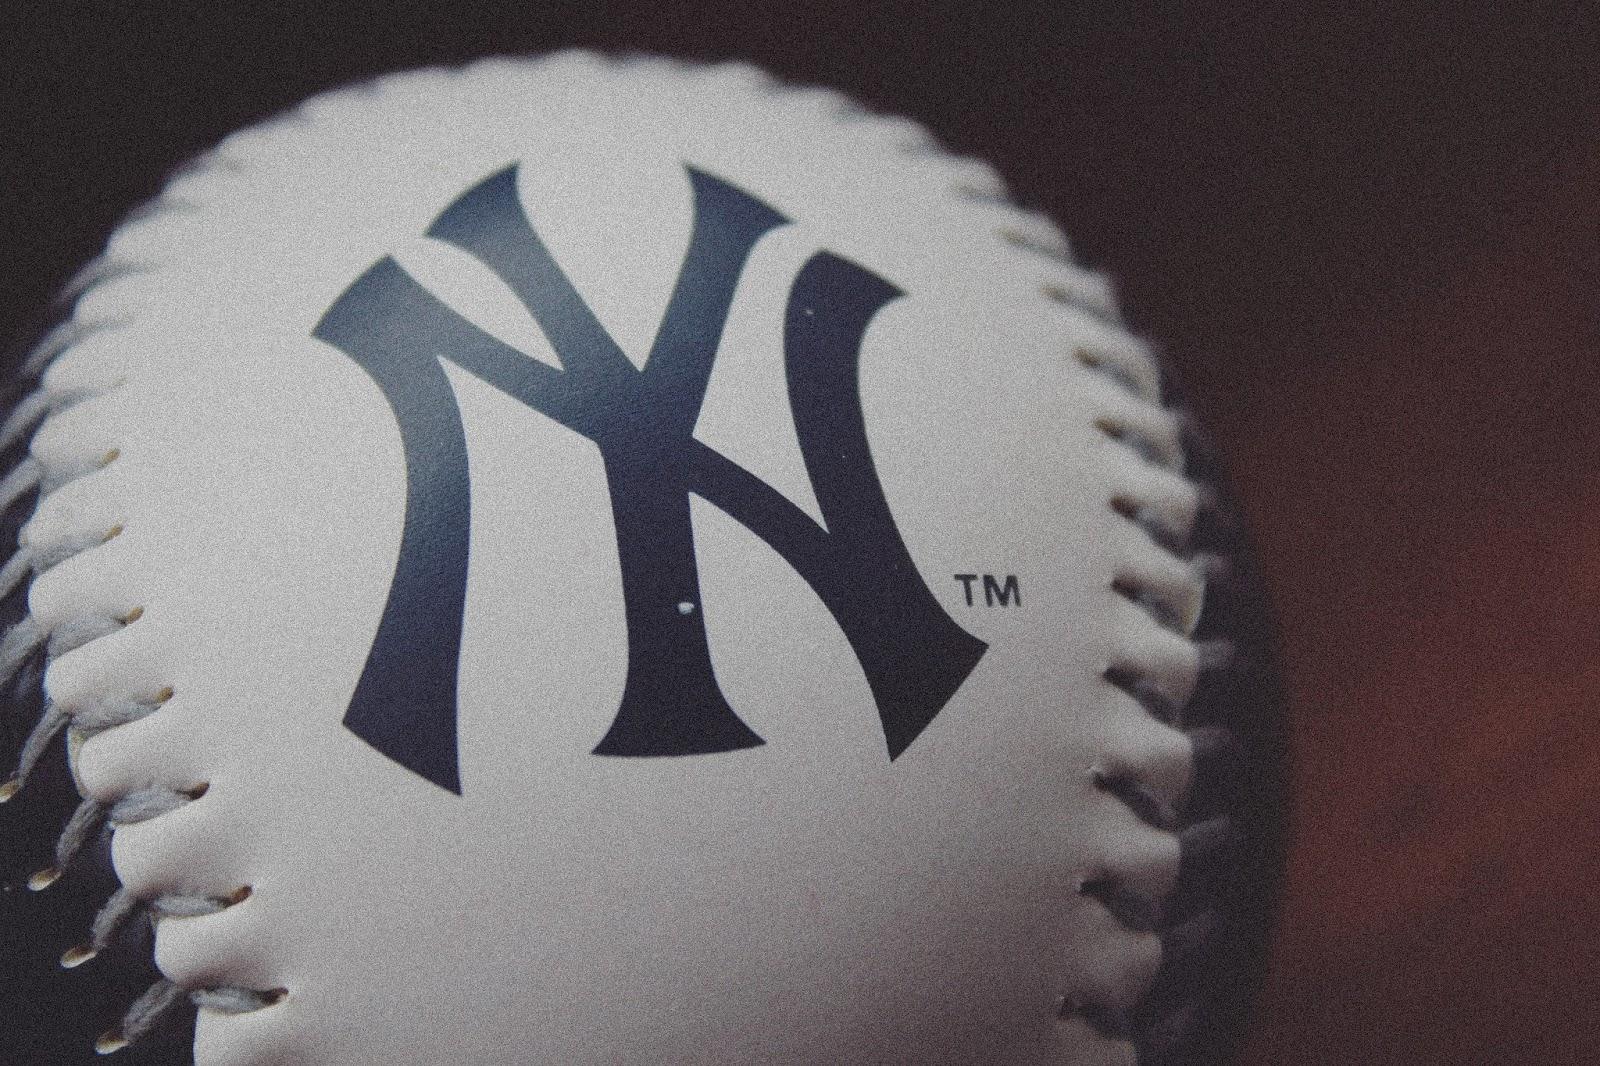 Piłeczka Basebolowa z logo drużyny New York Yankees, pamiątki baseball